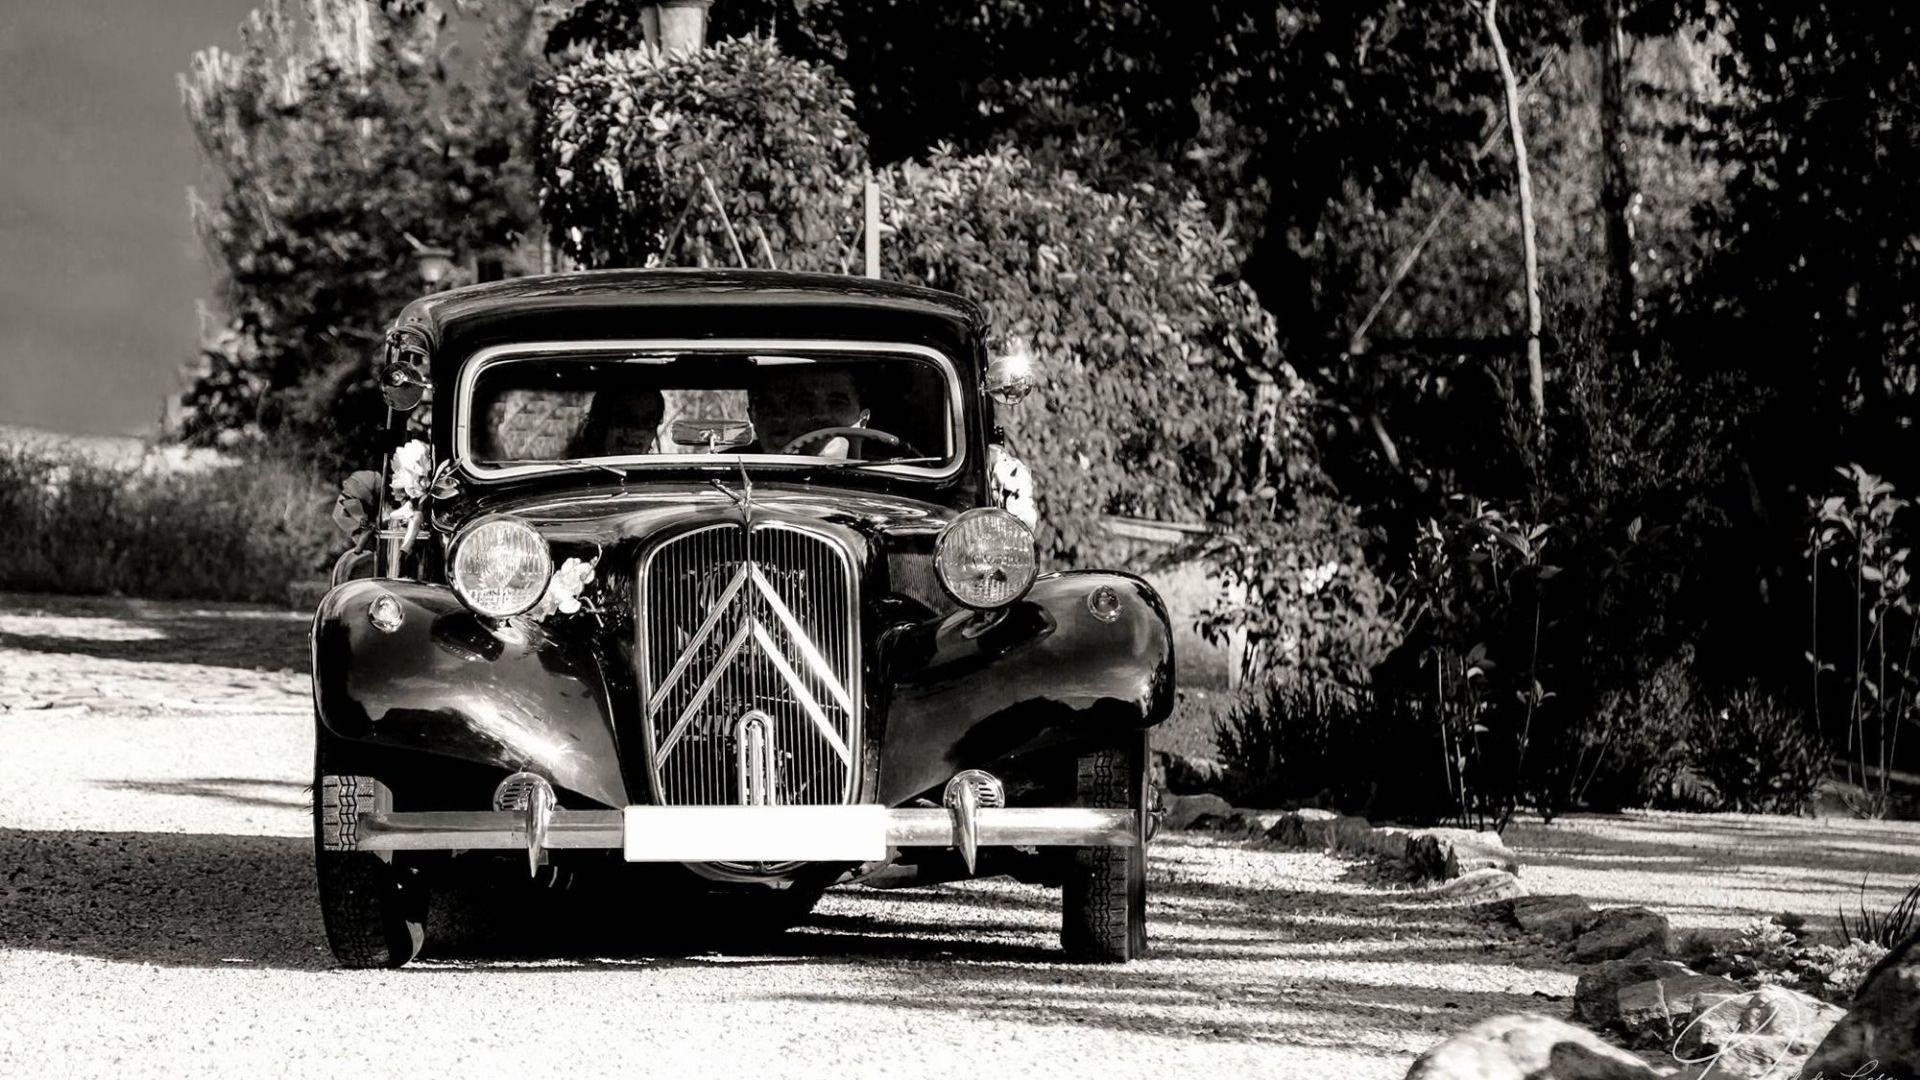 Alquiler de vehículos clásicos para eventos en Getafe